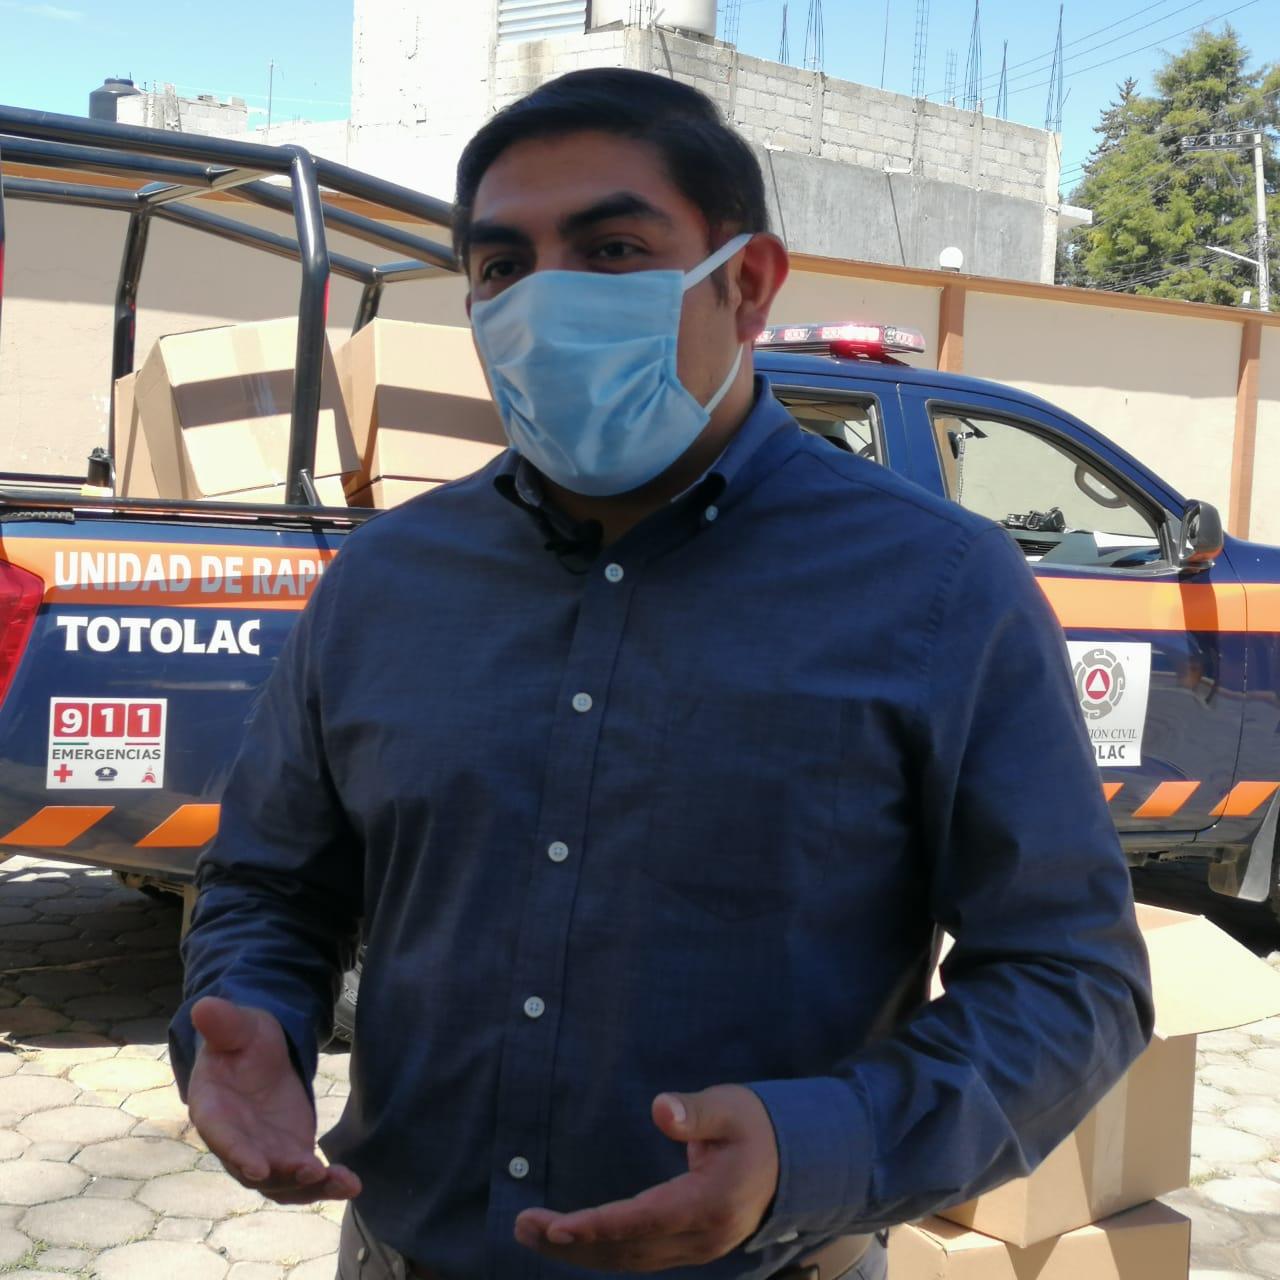 Prioriza Totolac, la prevención de riesgos laborales por Covid -19